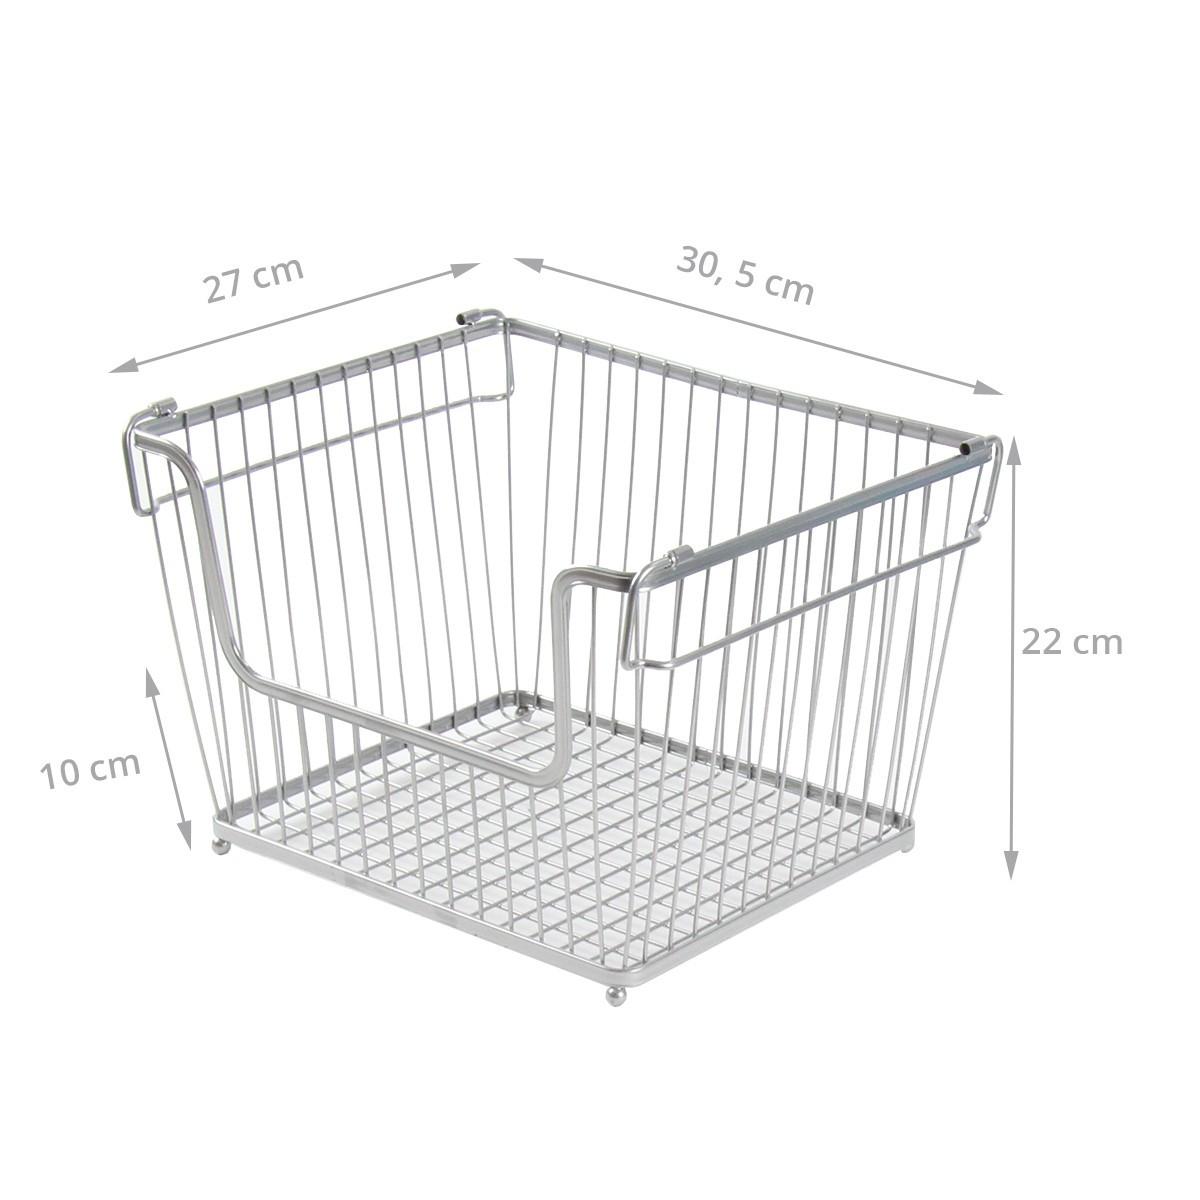 panier m tal empilable pour placard rangement garage. Black Bedroom Furniture Sets. Home Design Ideas